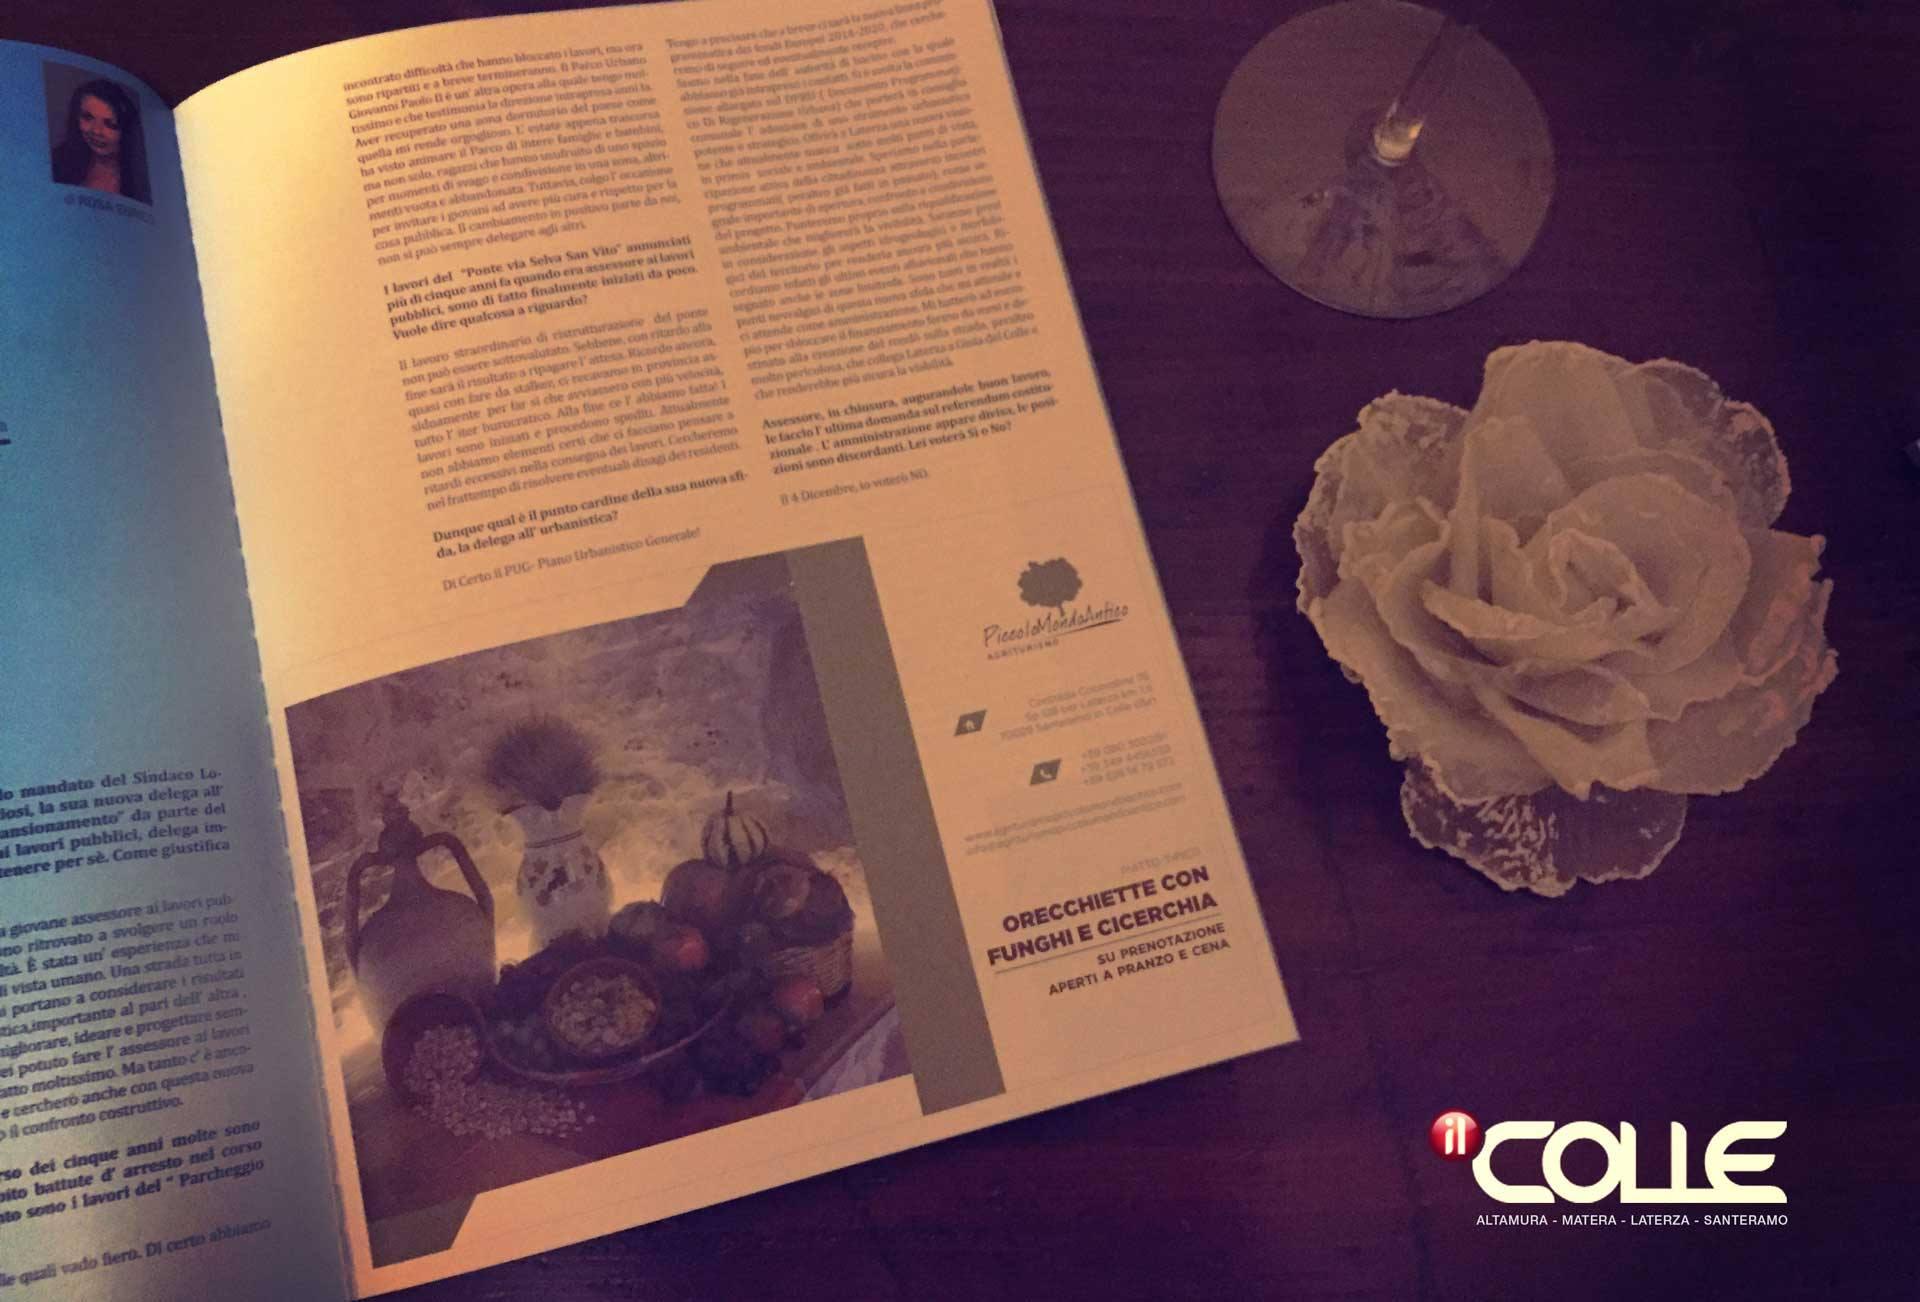 La nostra pubblicità sul giornale 'Il Colle'